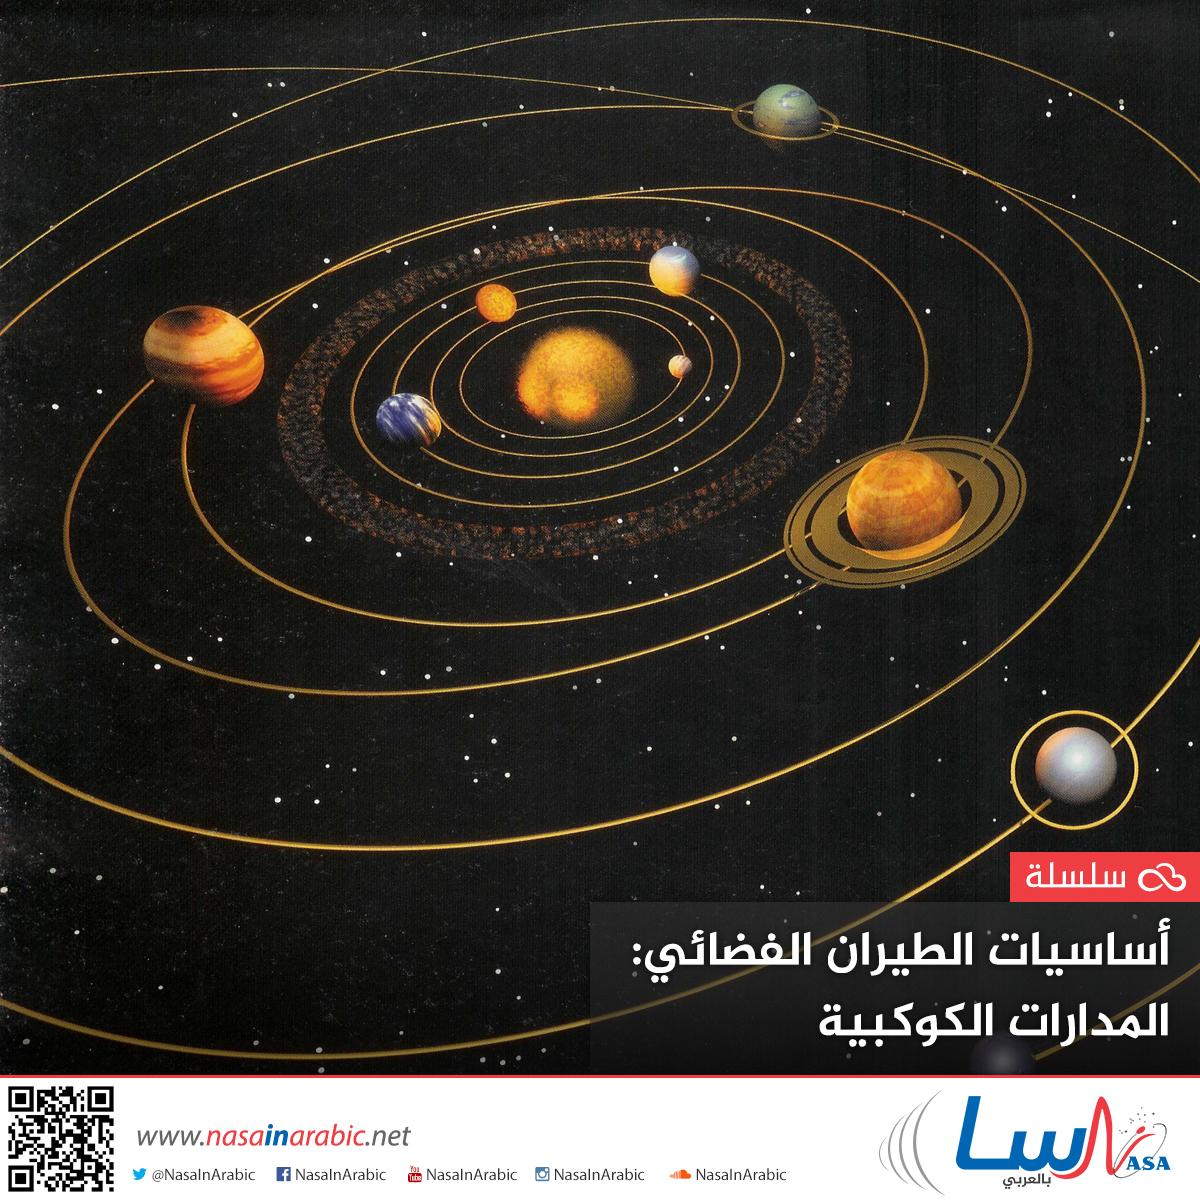 أساسيات الطيران الفضائي: المدارات الكوكبية